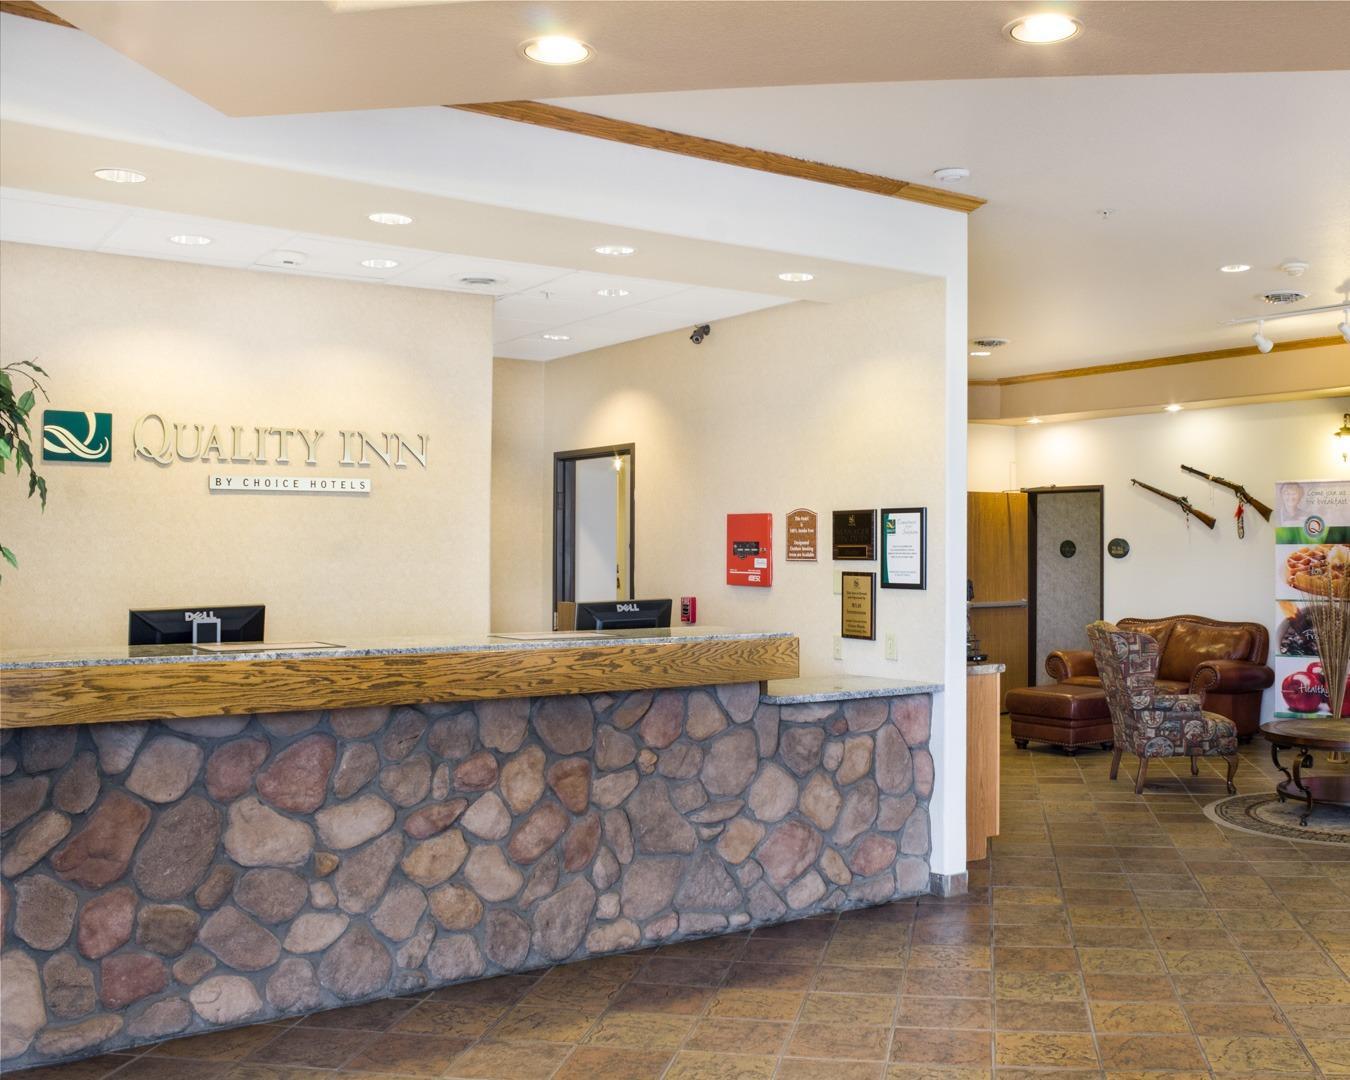 Quality Inn, Oacoma SD